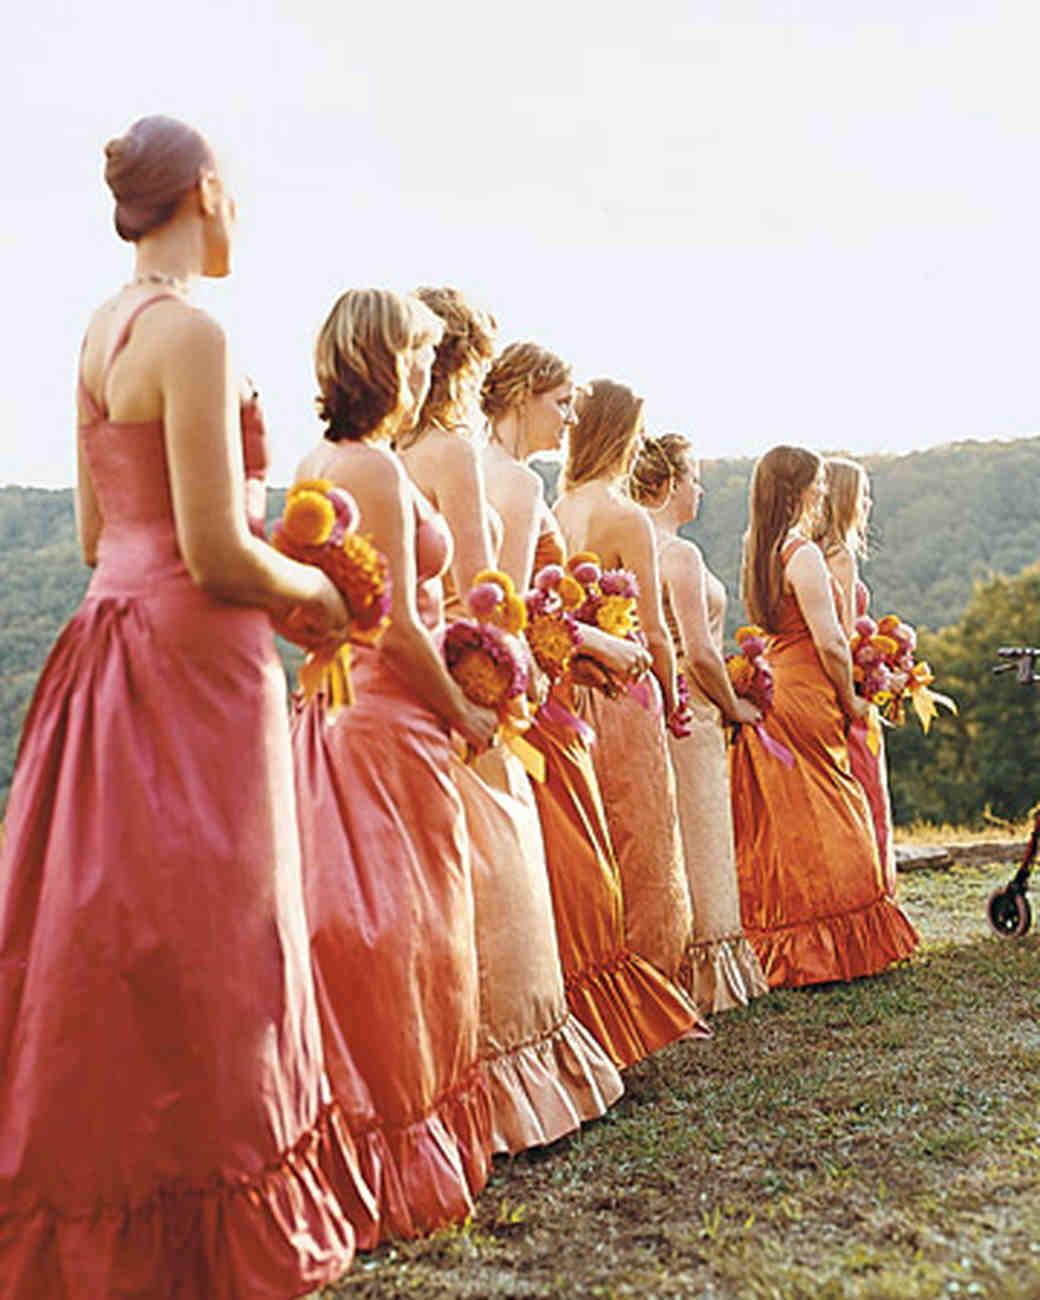 mwa102884_fal07_bridesmaid0.jpg